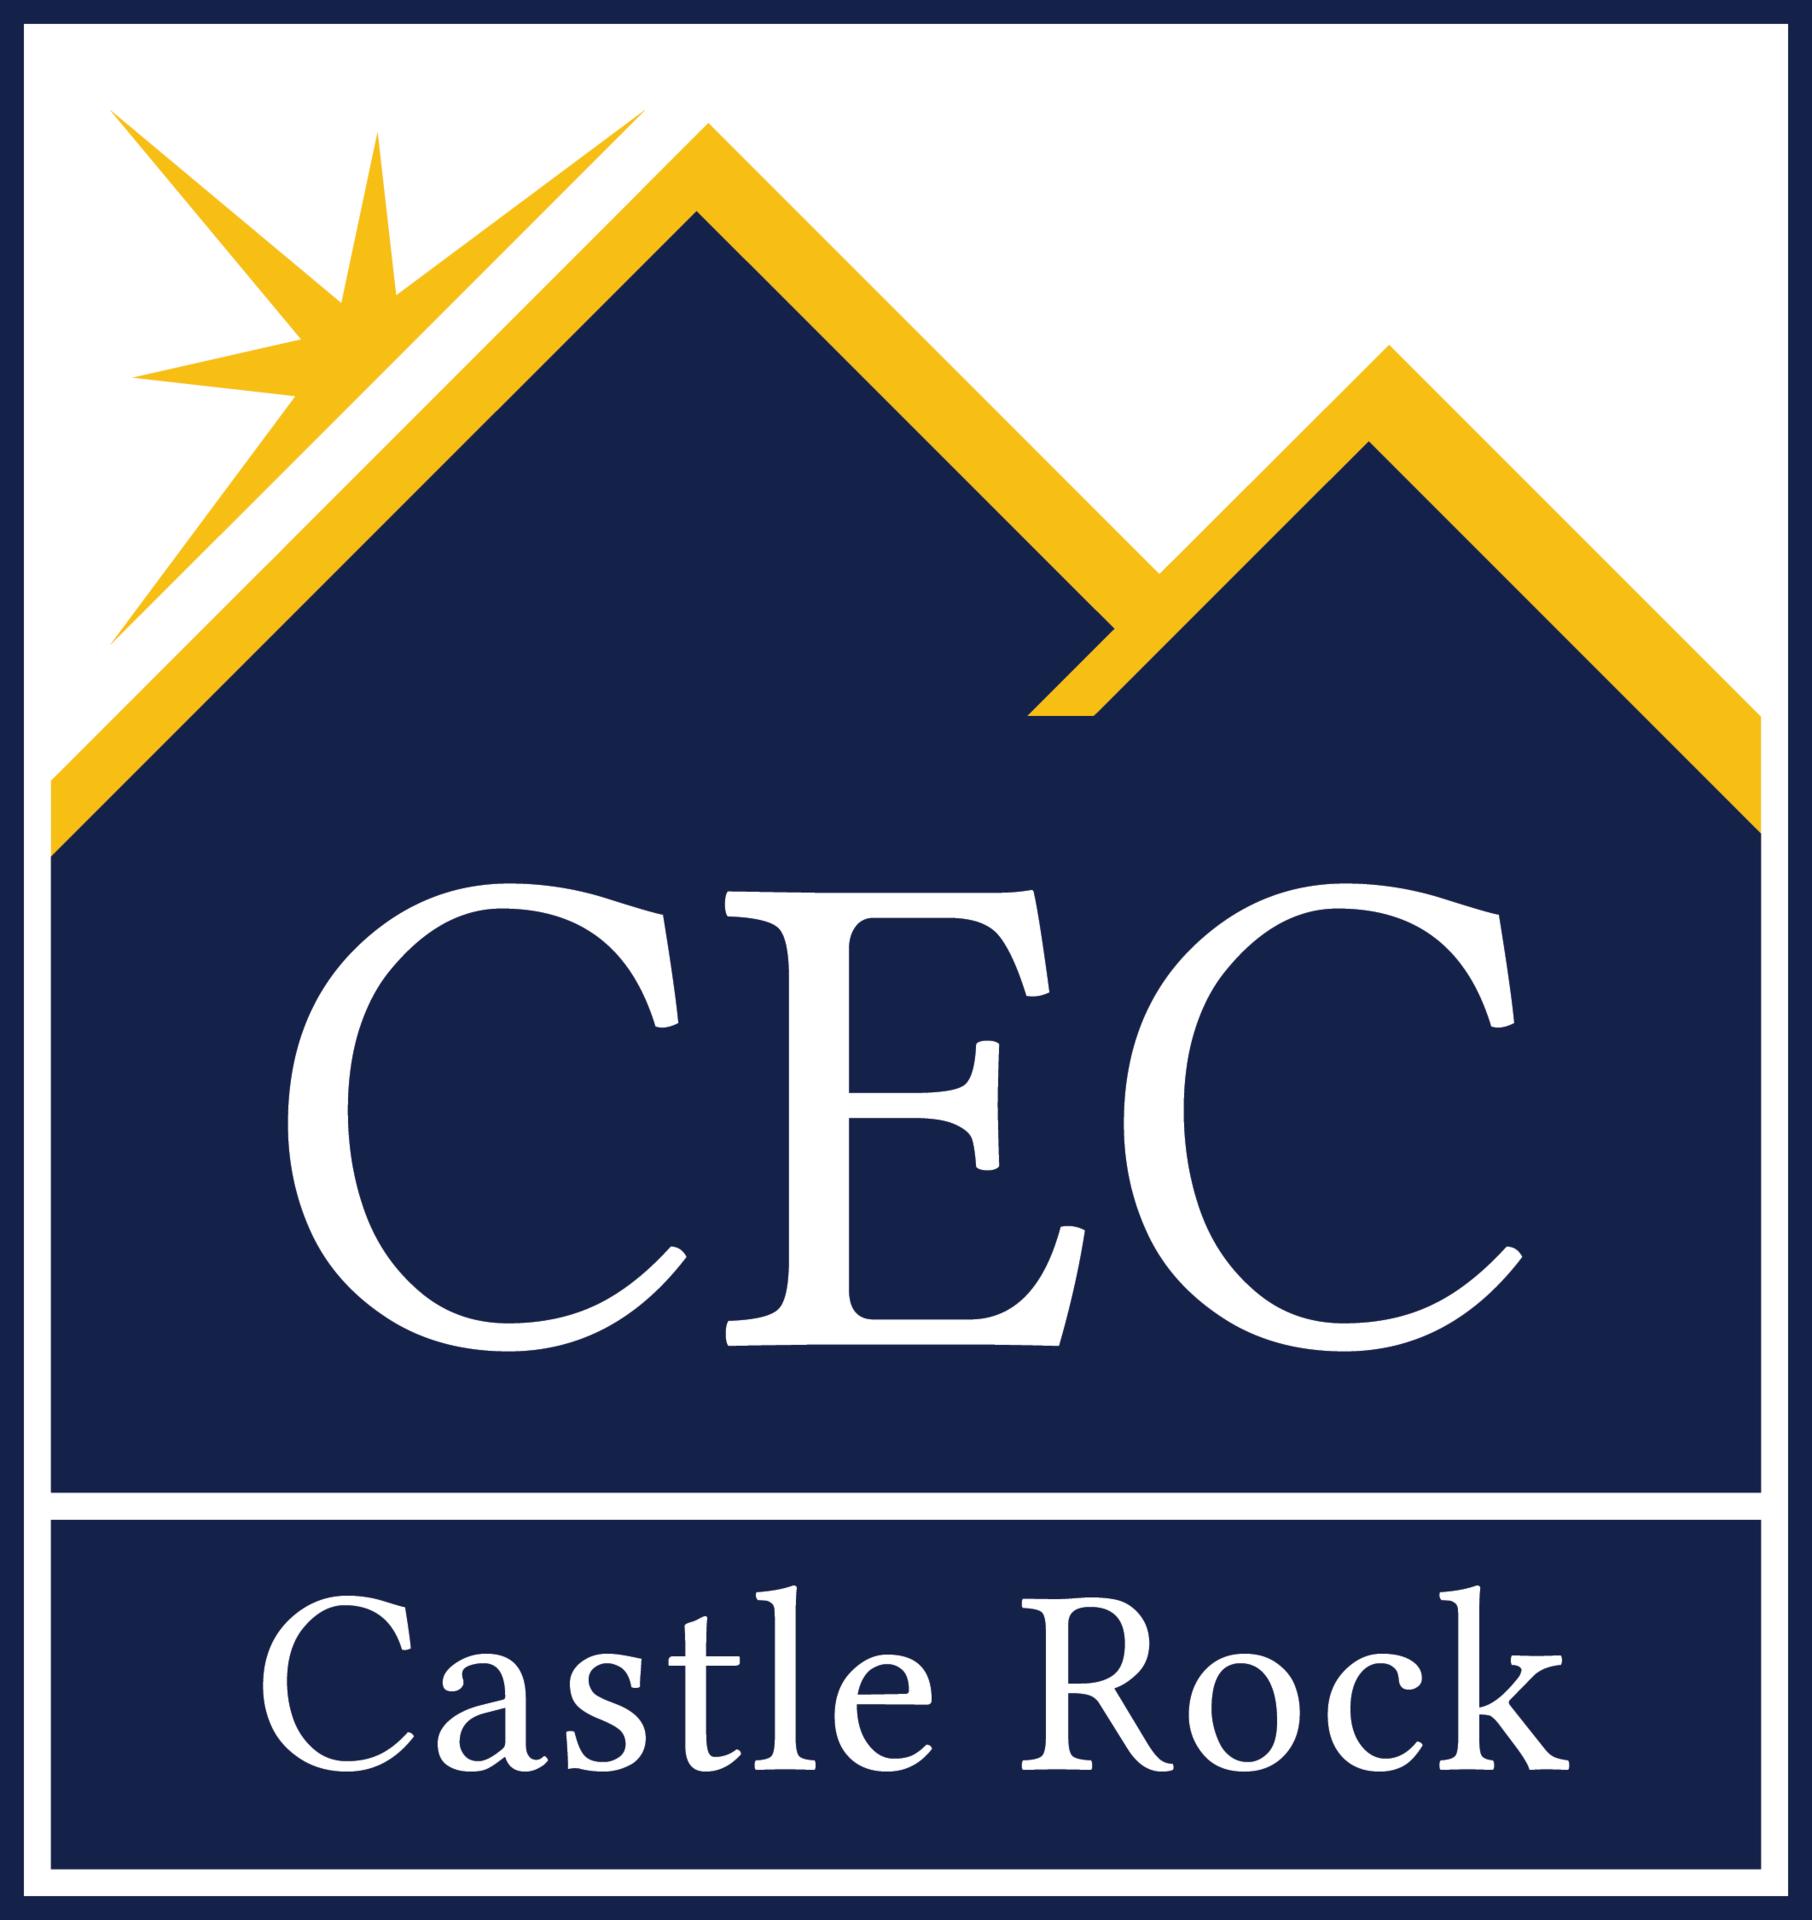 CEC Castle Rock